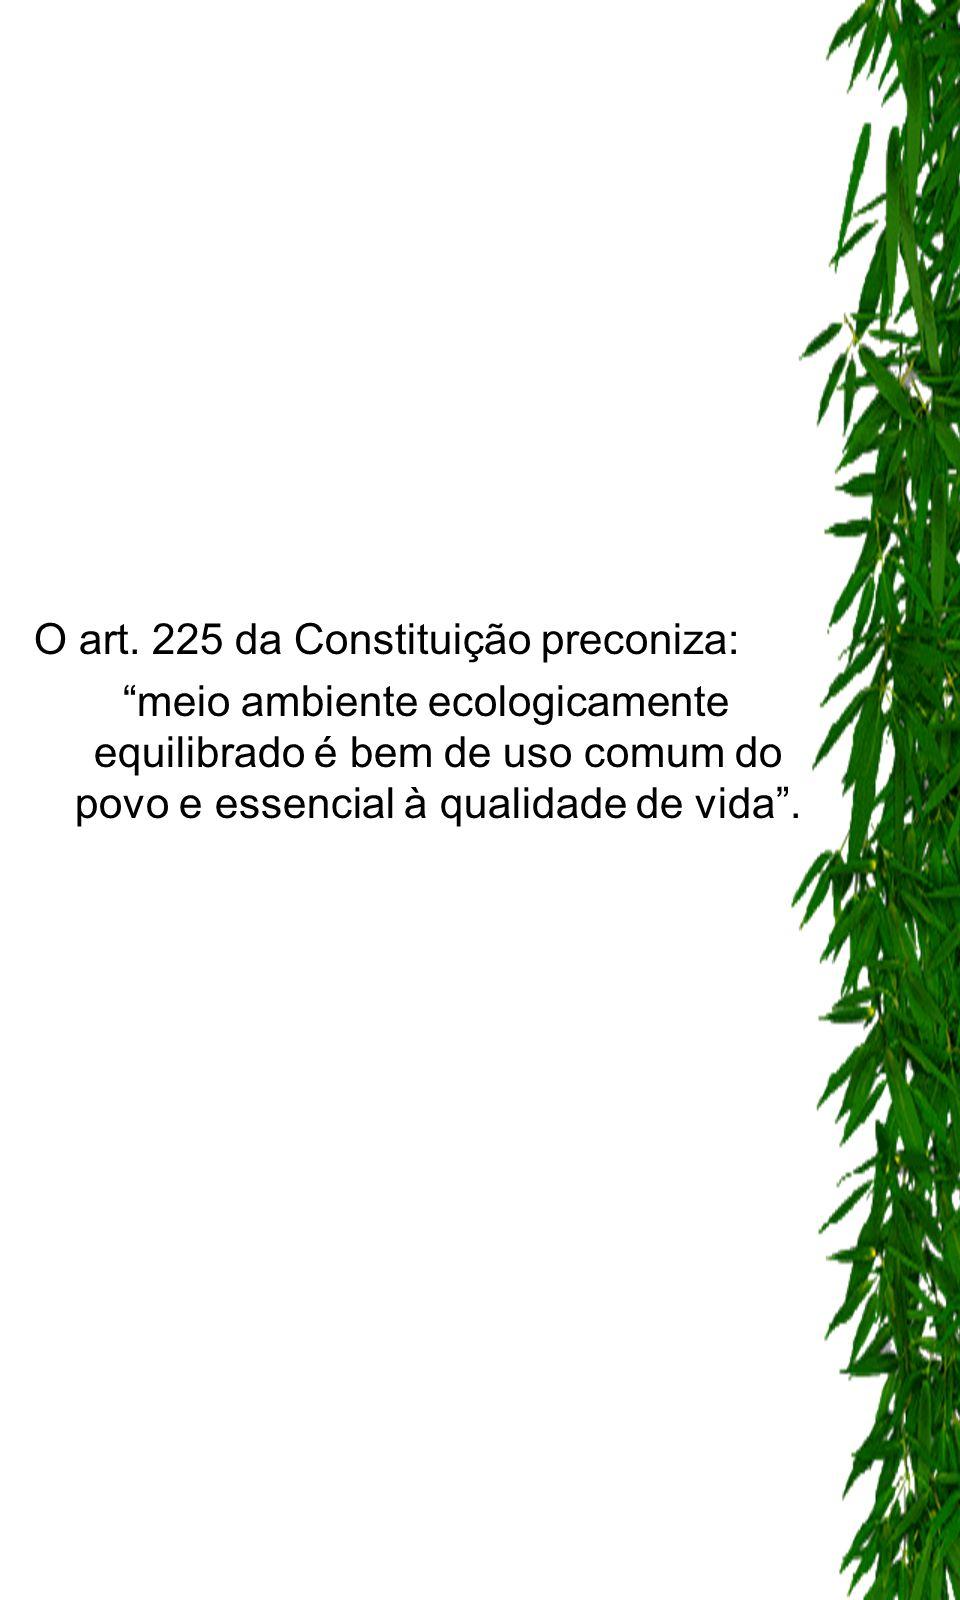 O art. 225 da Constituição preconiza: